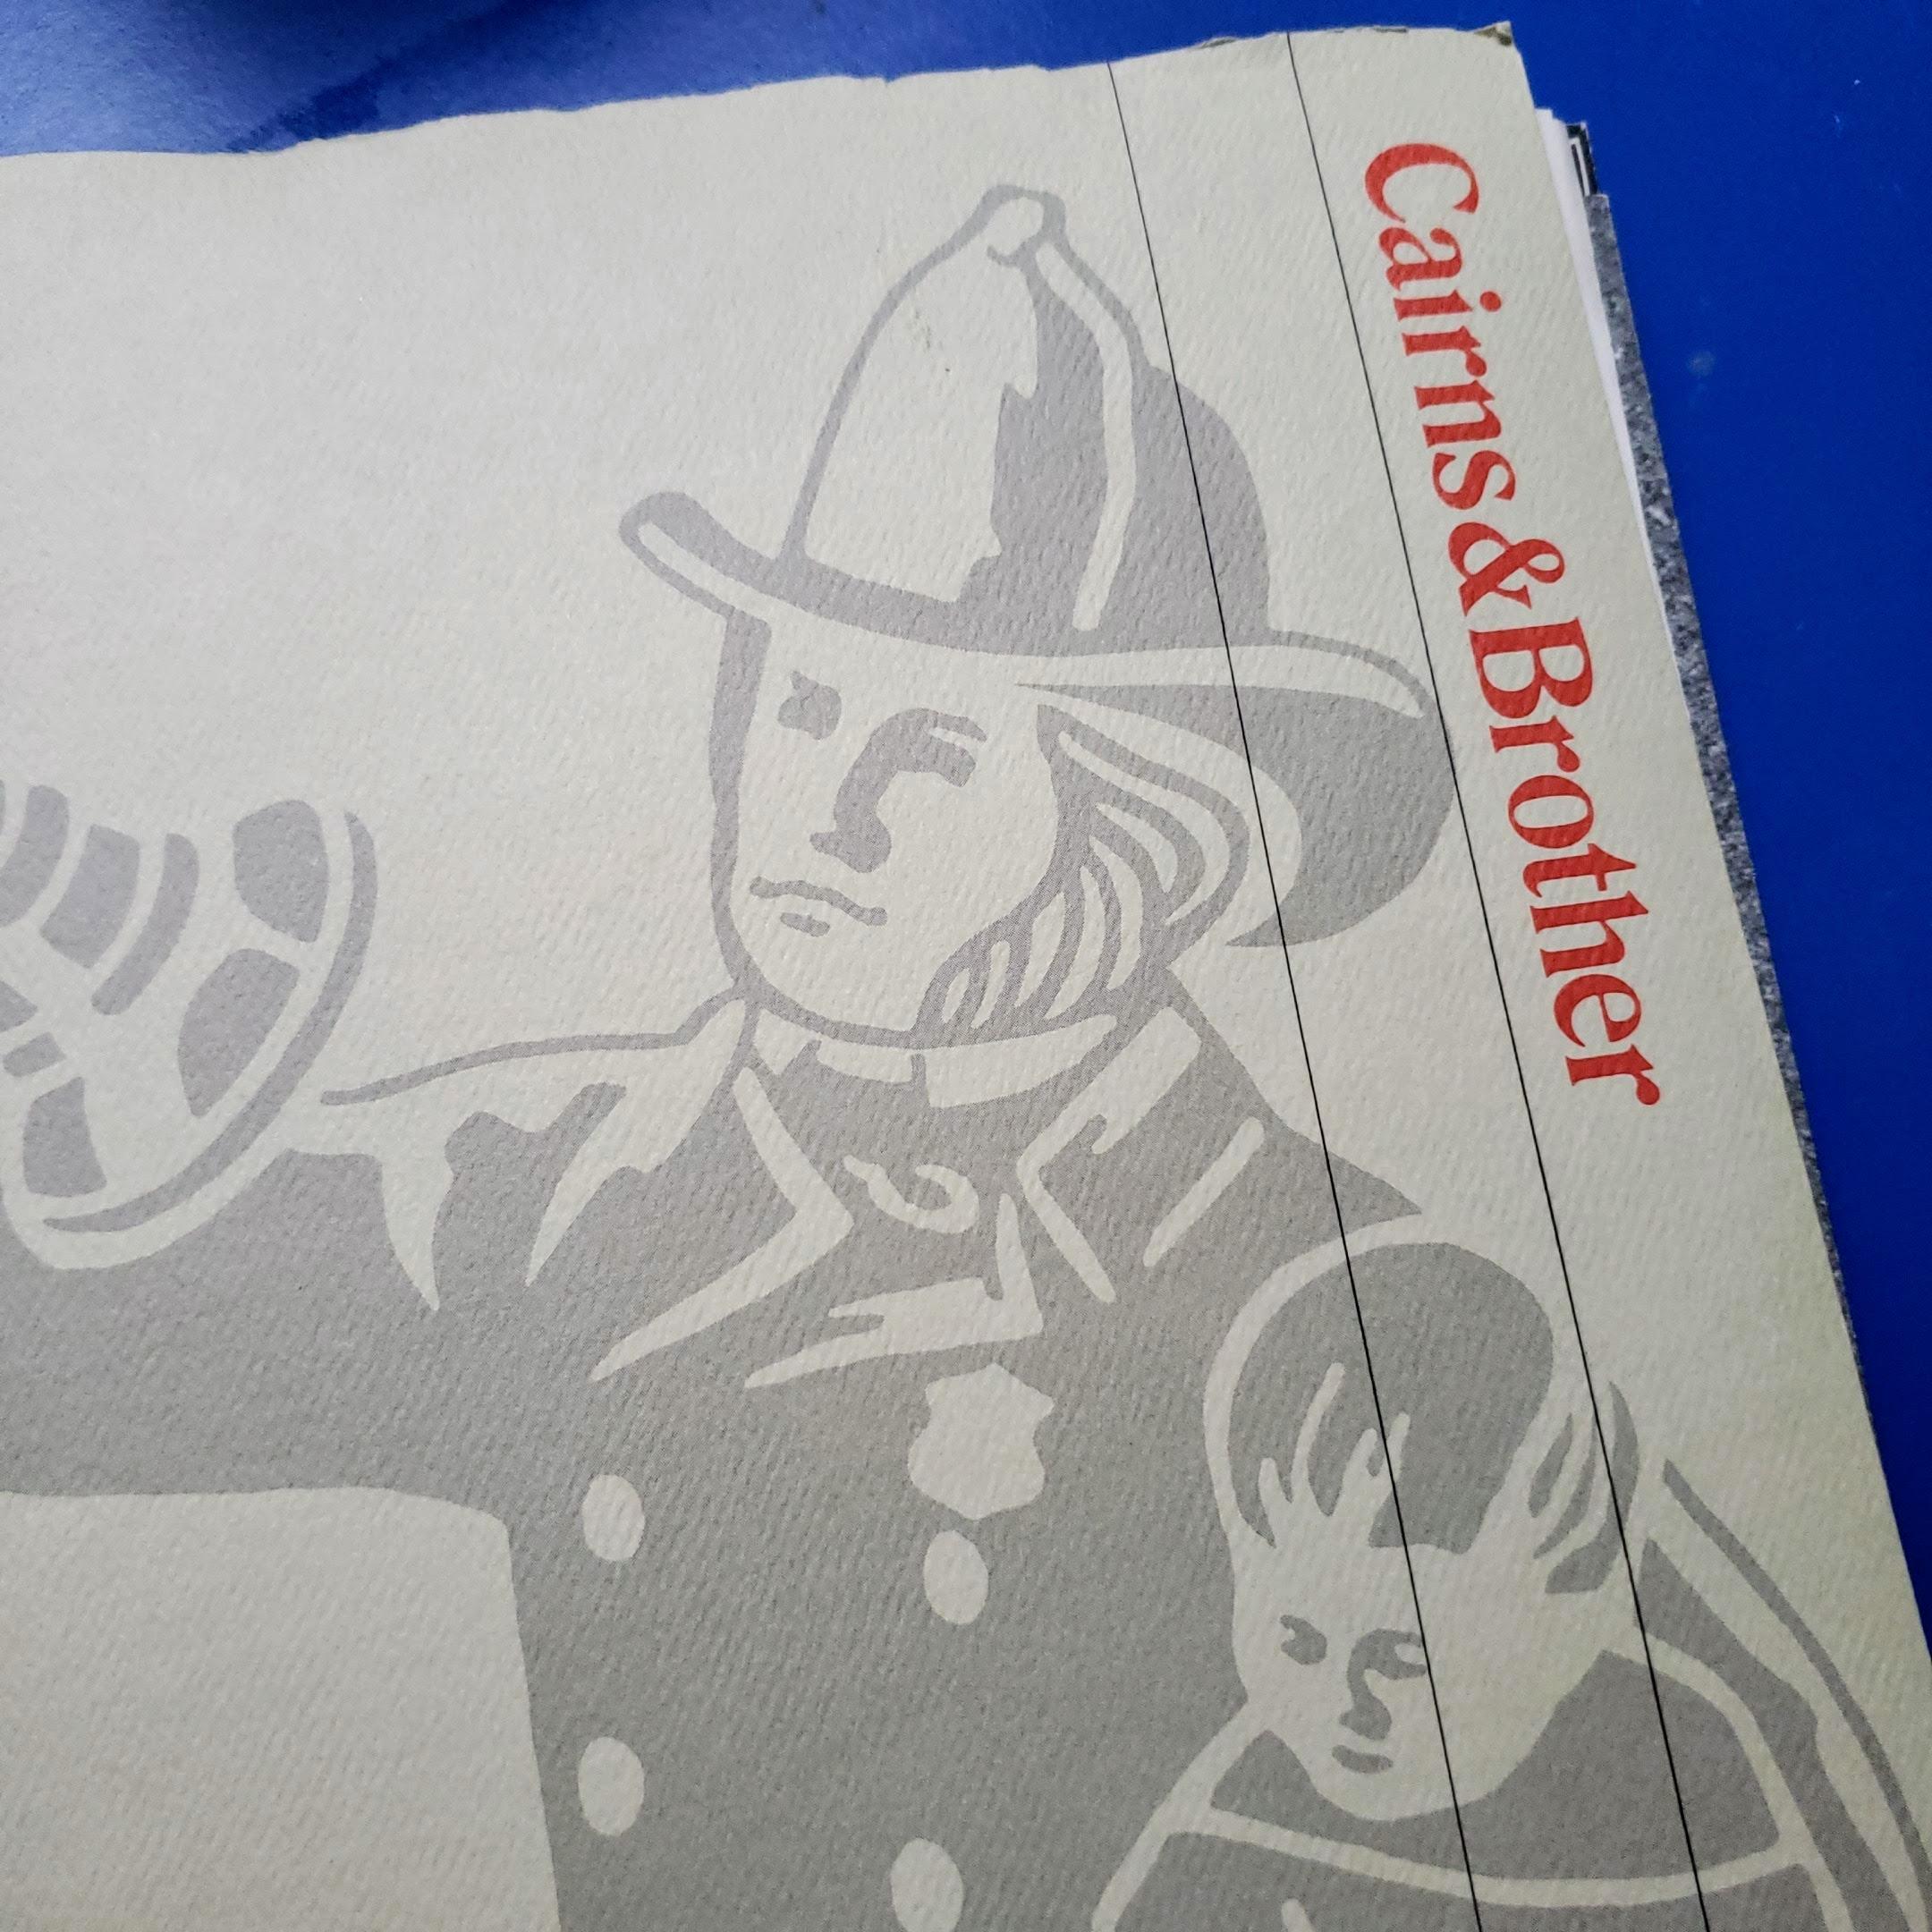 cairns_folder_14